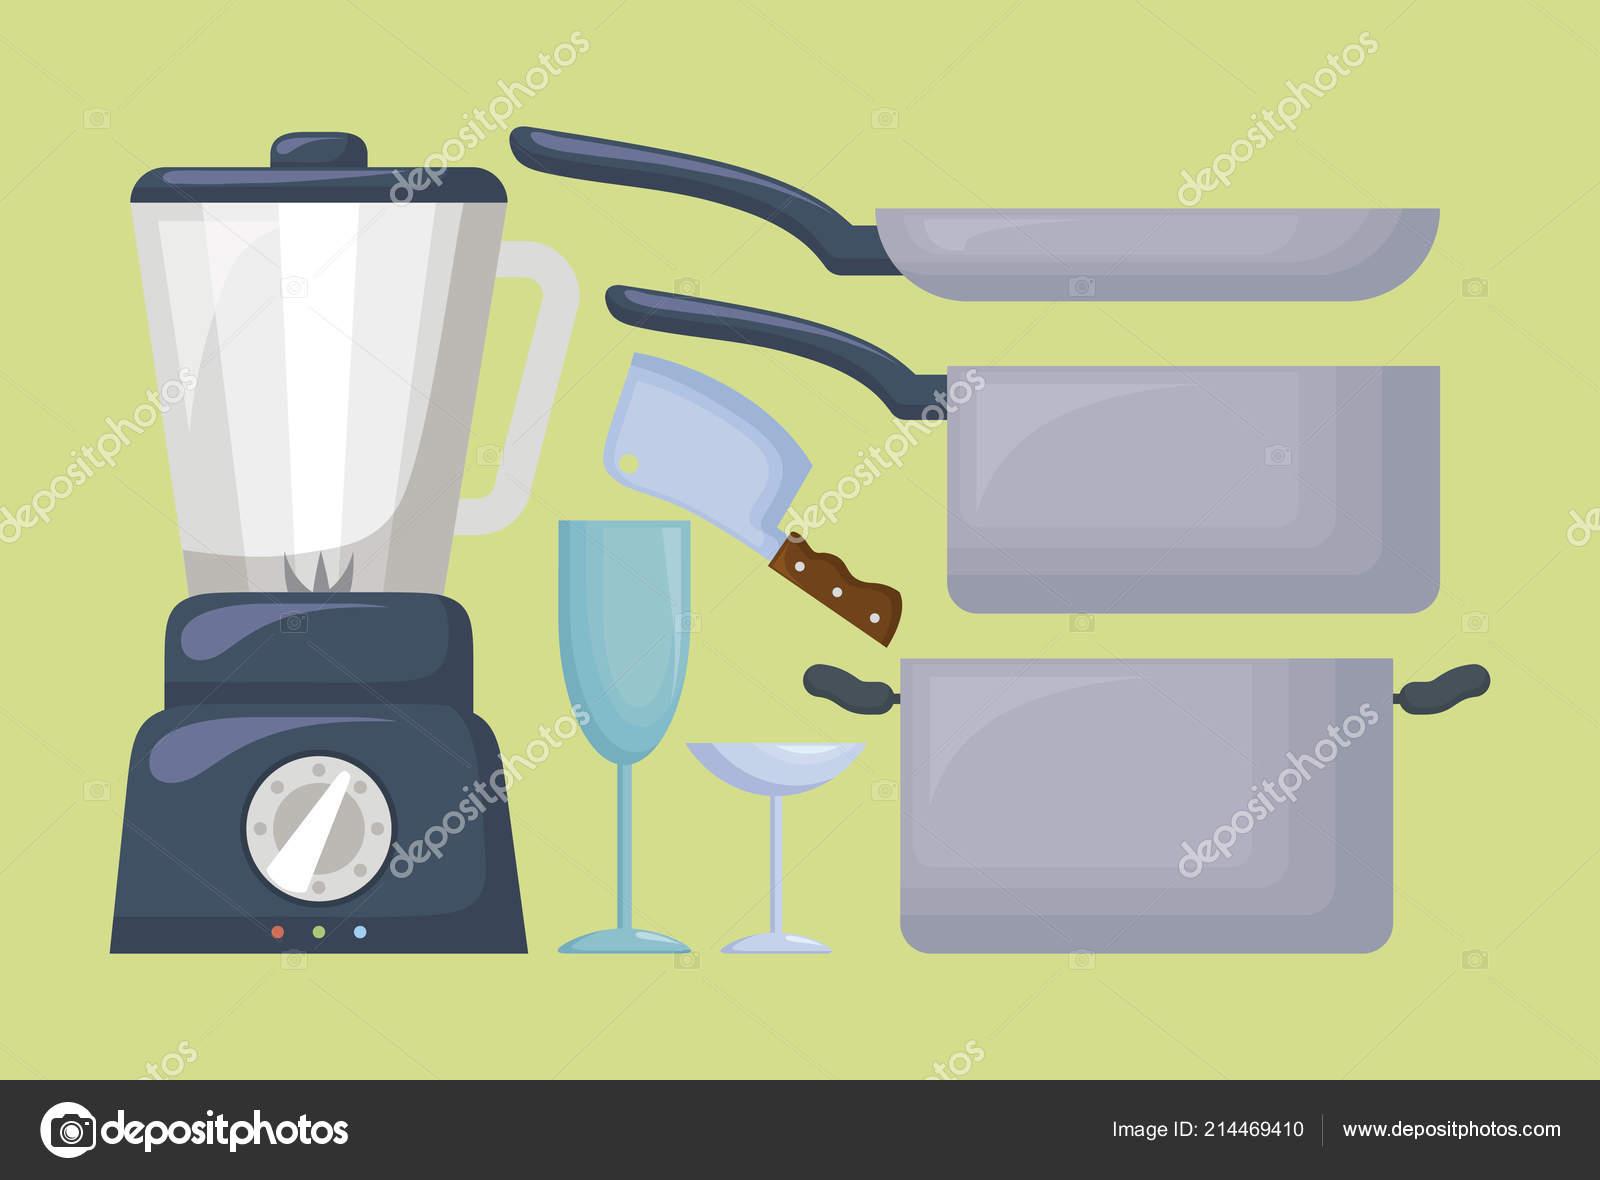 diseño de utensilios de cocina — Vector de stock © djv #214469410